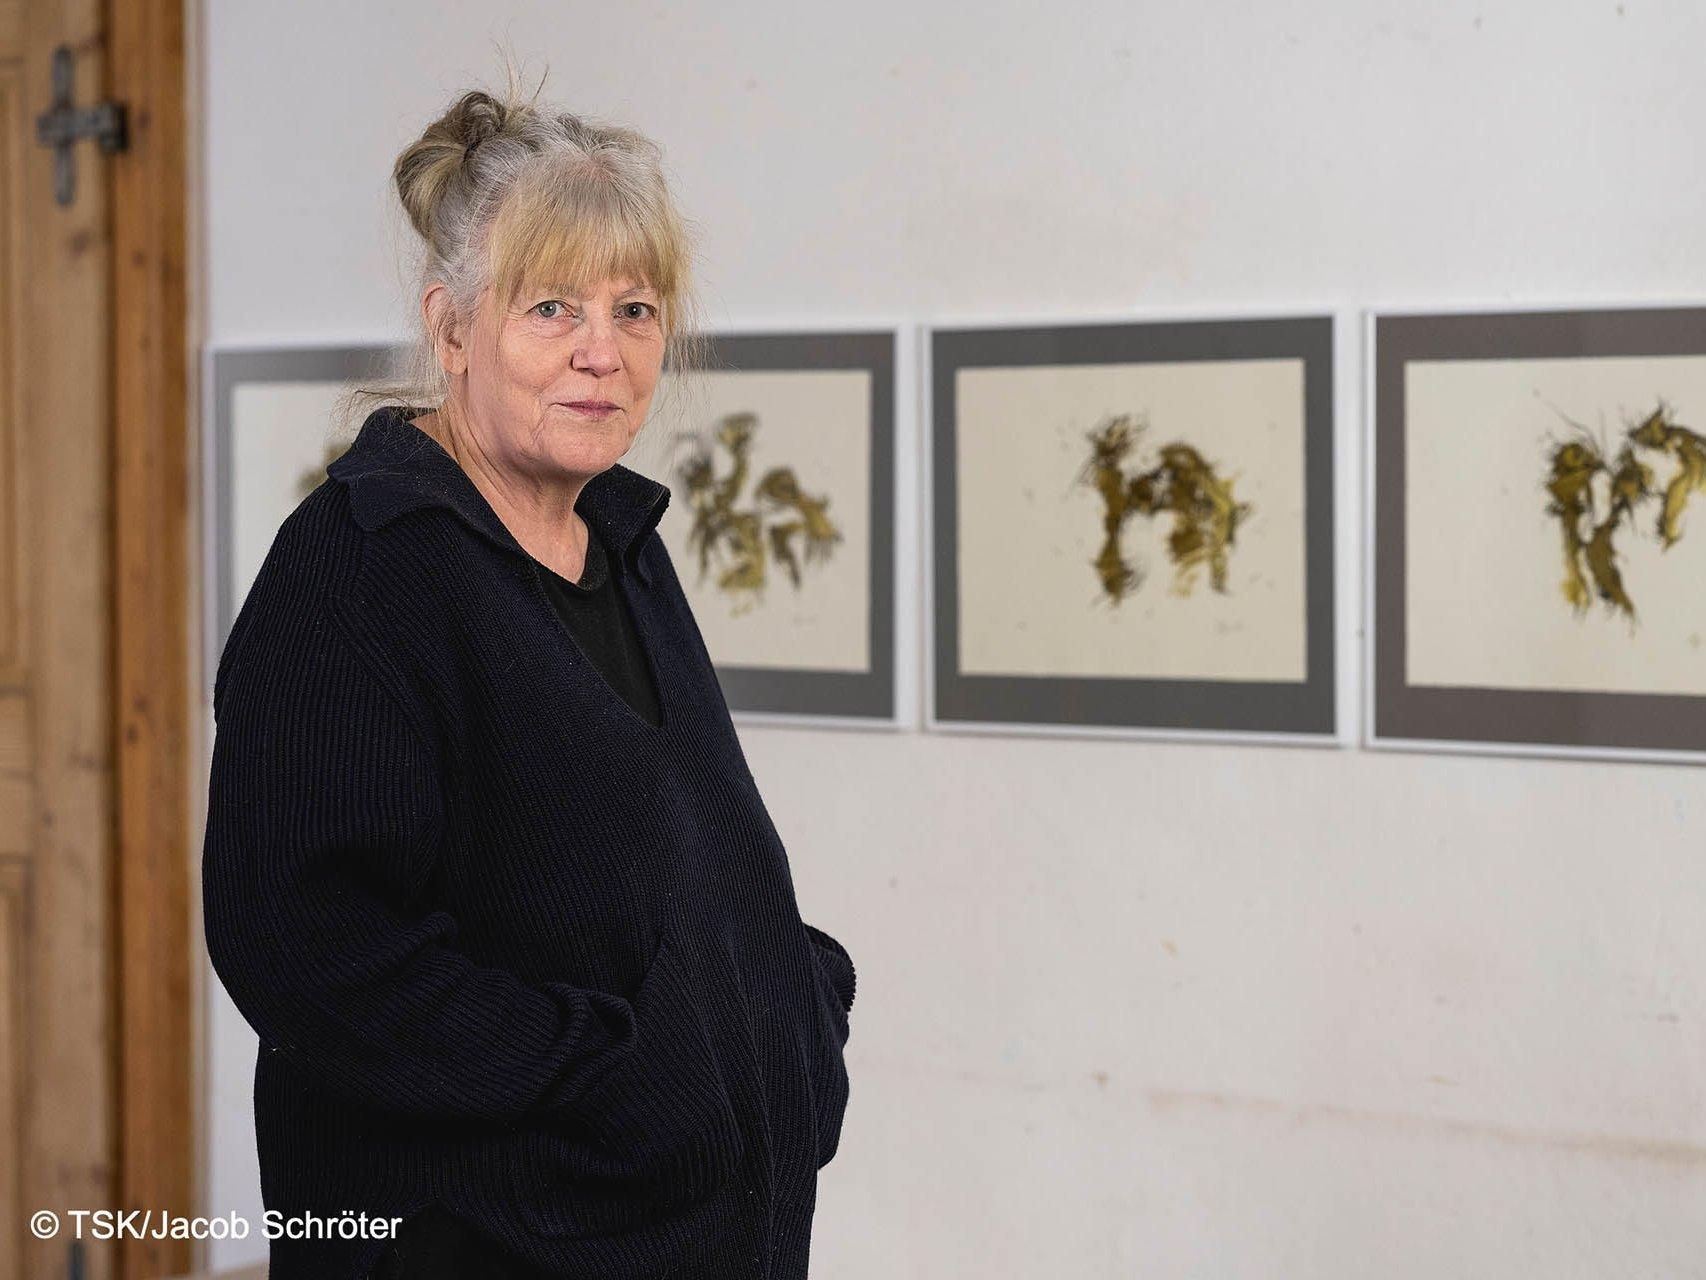 """Heike Stephan stehend neben ihrer Bilder-Serie """"Orakel - Spektakel"""" an der Wand"""